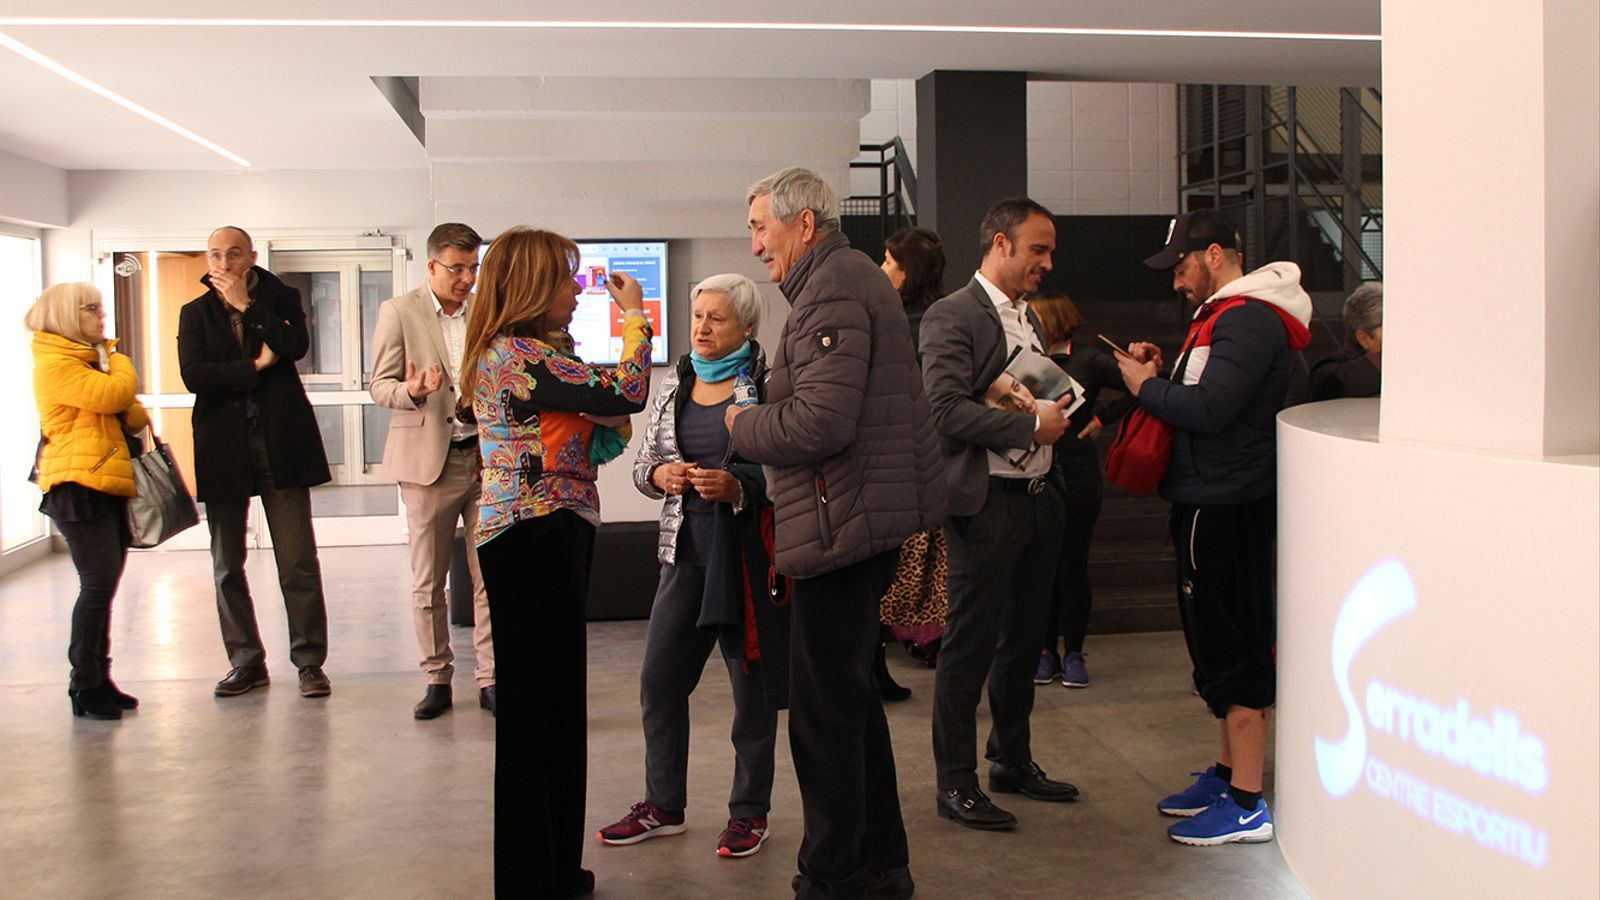 La cònsol major d'Andorra la Vella, Conxita Marsol, conversa amb usuaris del centre esportiu. / M. F. (ANA)